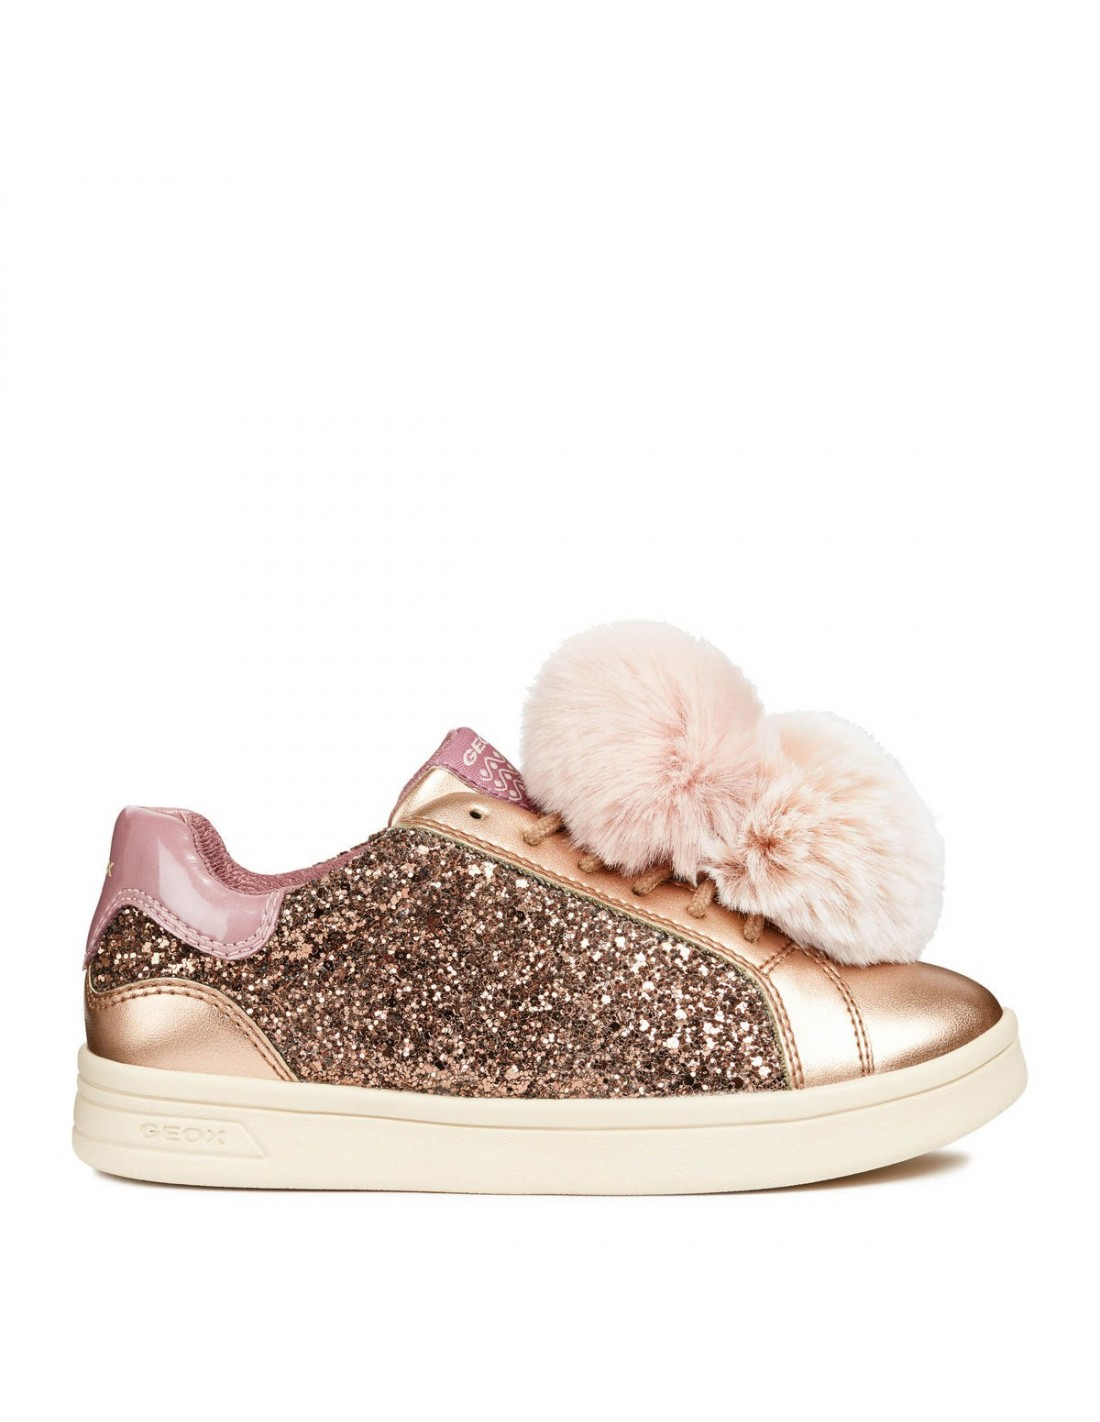 Bambina Ragazza Lacci Pelliccia J824md Pelle Scarpe Sneakers Geox zGjSUVpLqM